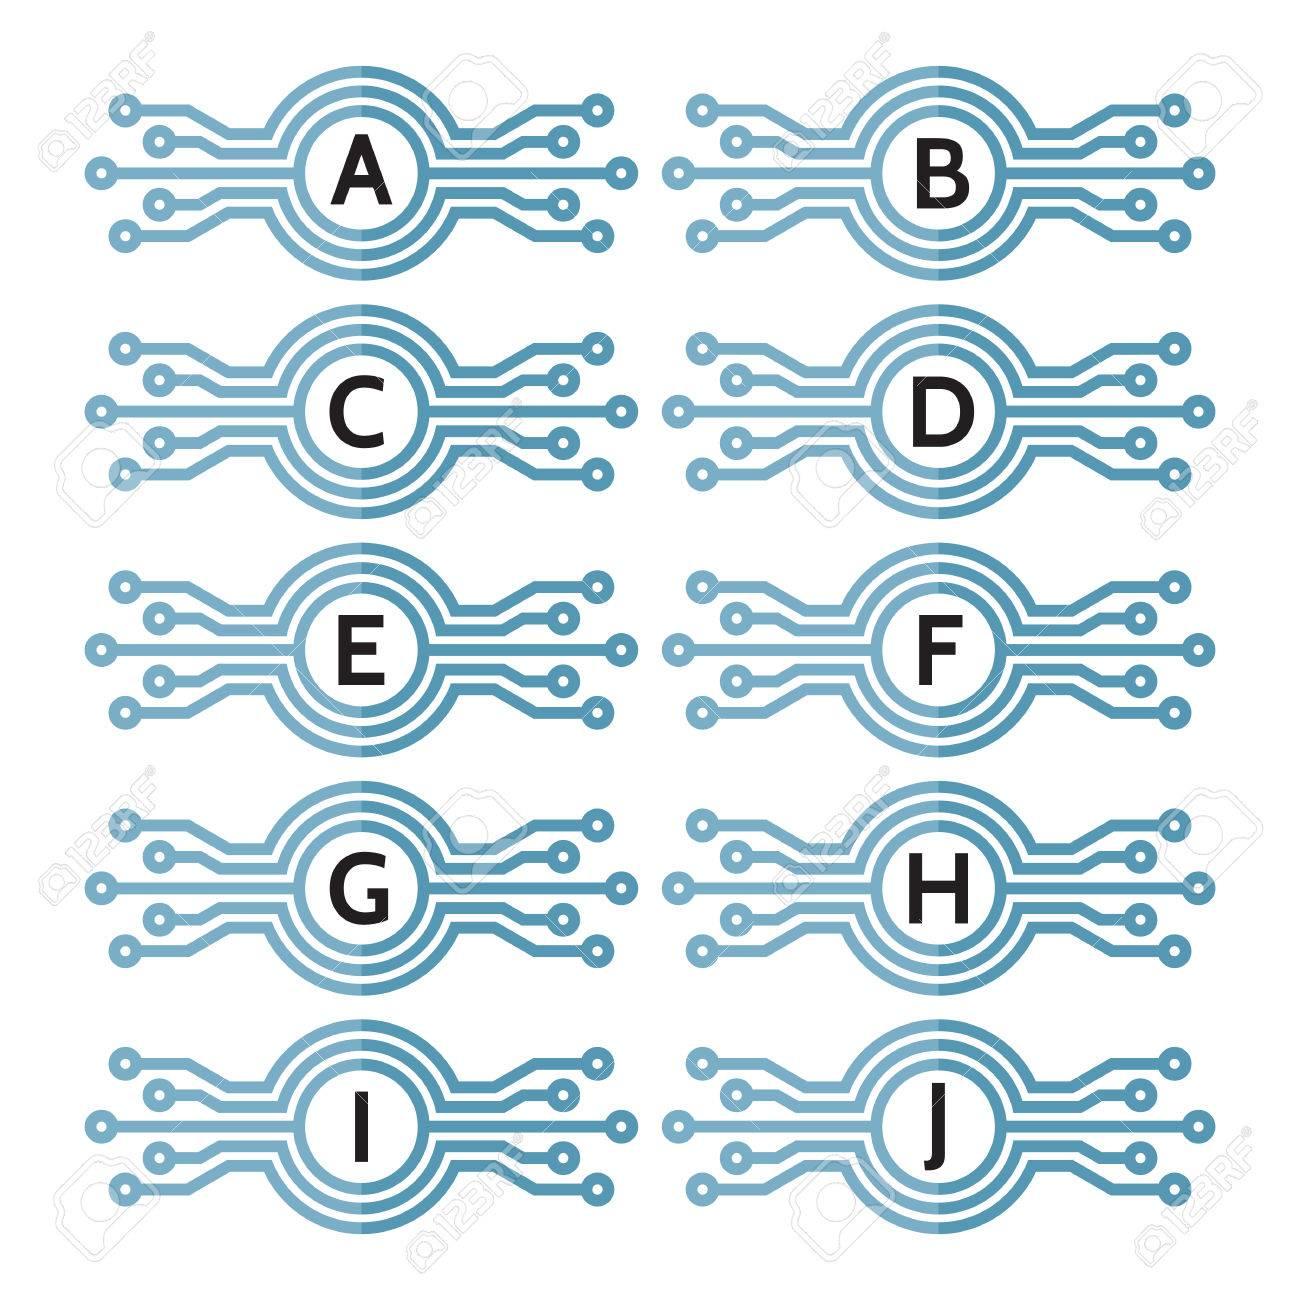 9d6b6342937c8 Tecnología De La Computadora Moderna - Ilustración Del Concepto De La  Plantilla De La Insignia Del Vector Para Cualquier Letra A